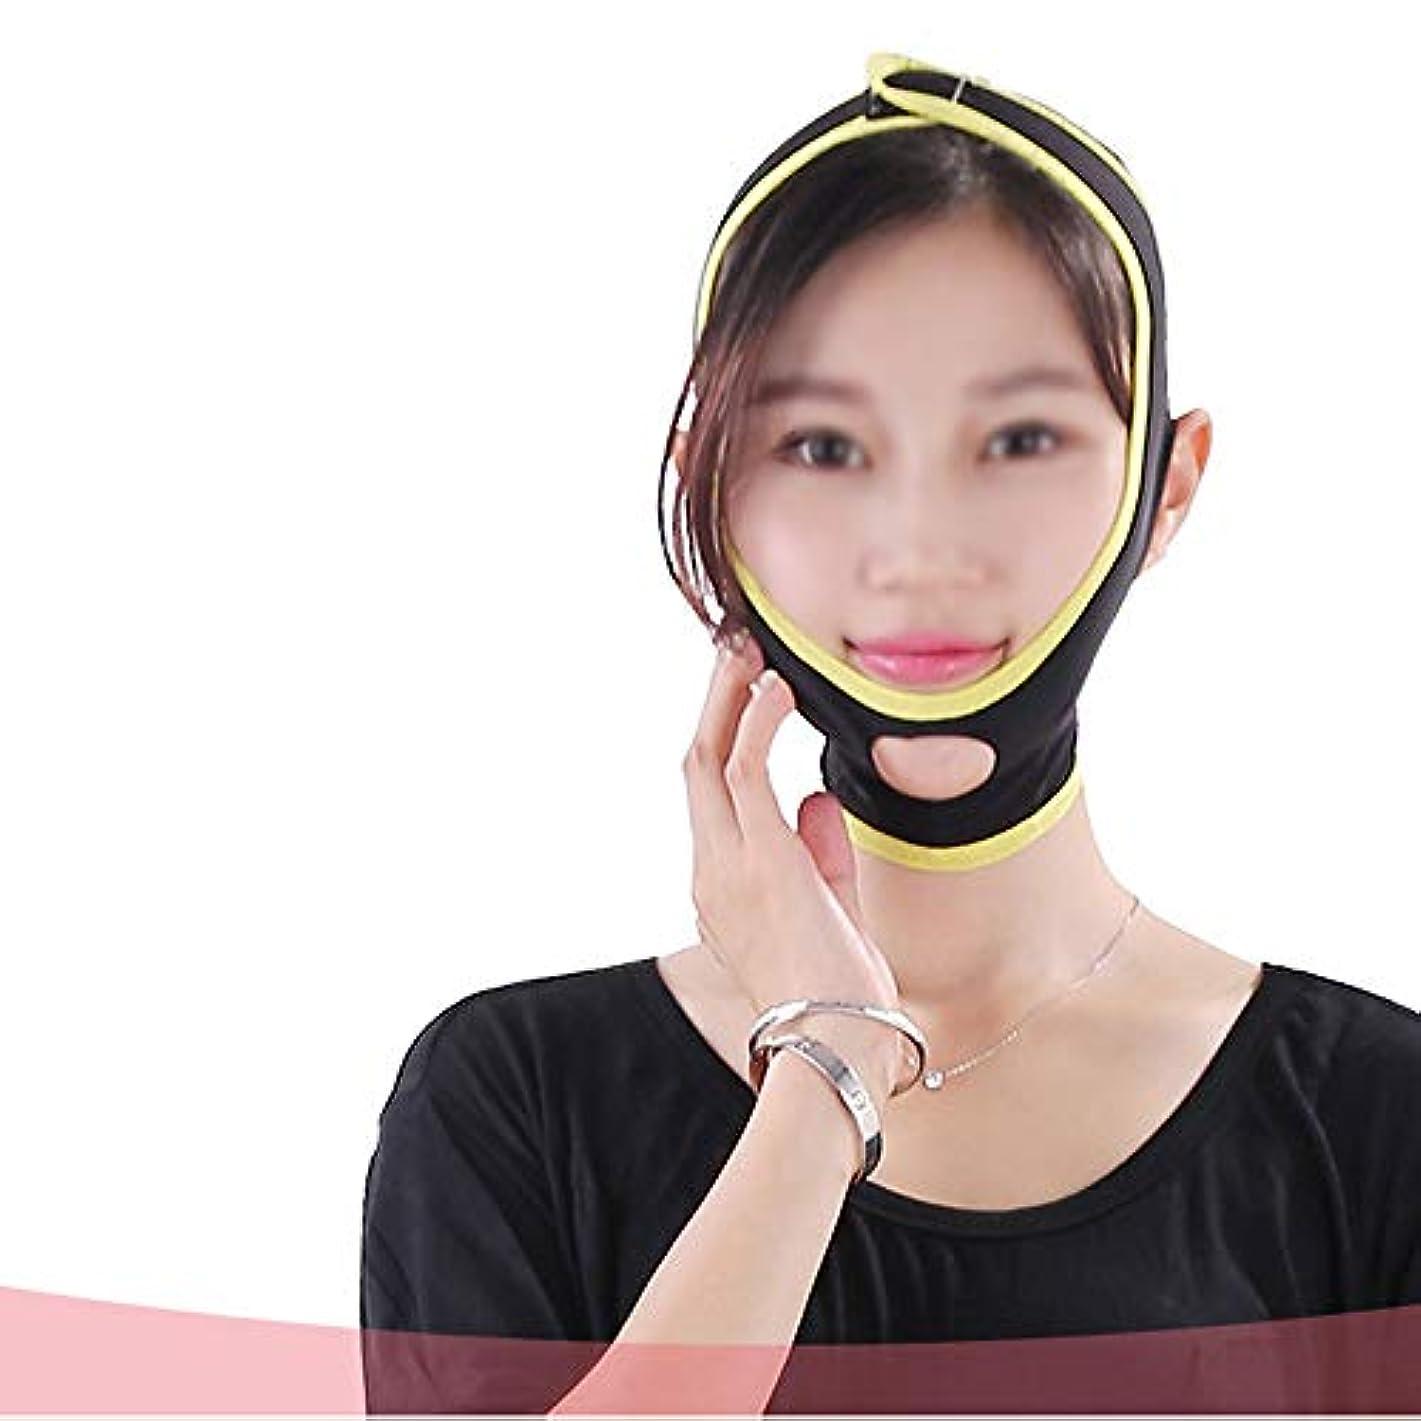 リストケープ海峡ひもTLMY 薄い顔包帯通気性睡眠小さいVフェイスマスクリフティング引き締め肌アーティファクトは二重あご顔の減量包帯を減らす 顔用整形マスク (Size : L)